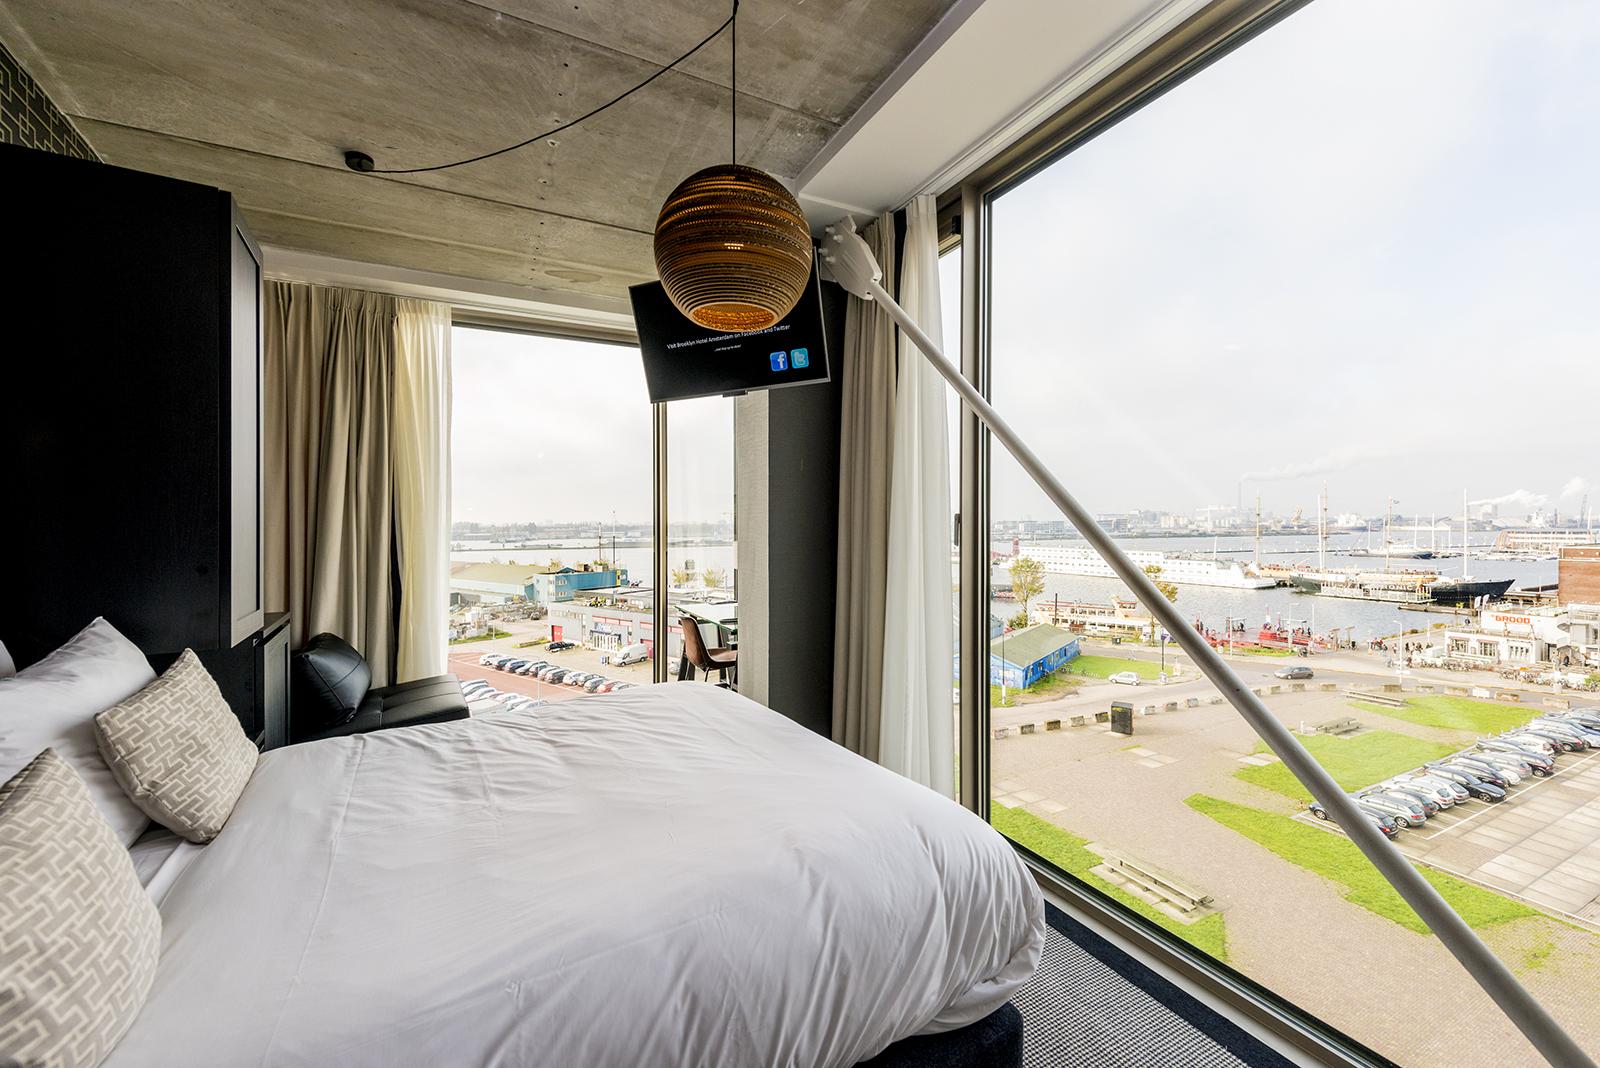 Brooklyne-hotel-008_WEB